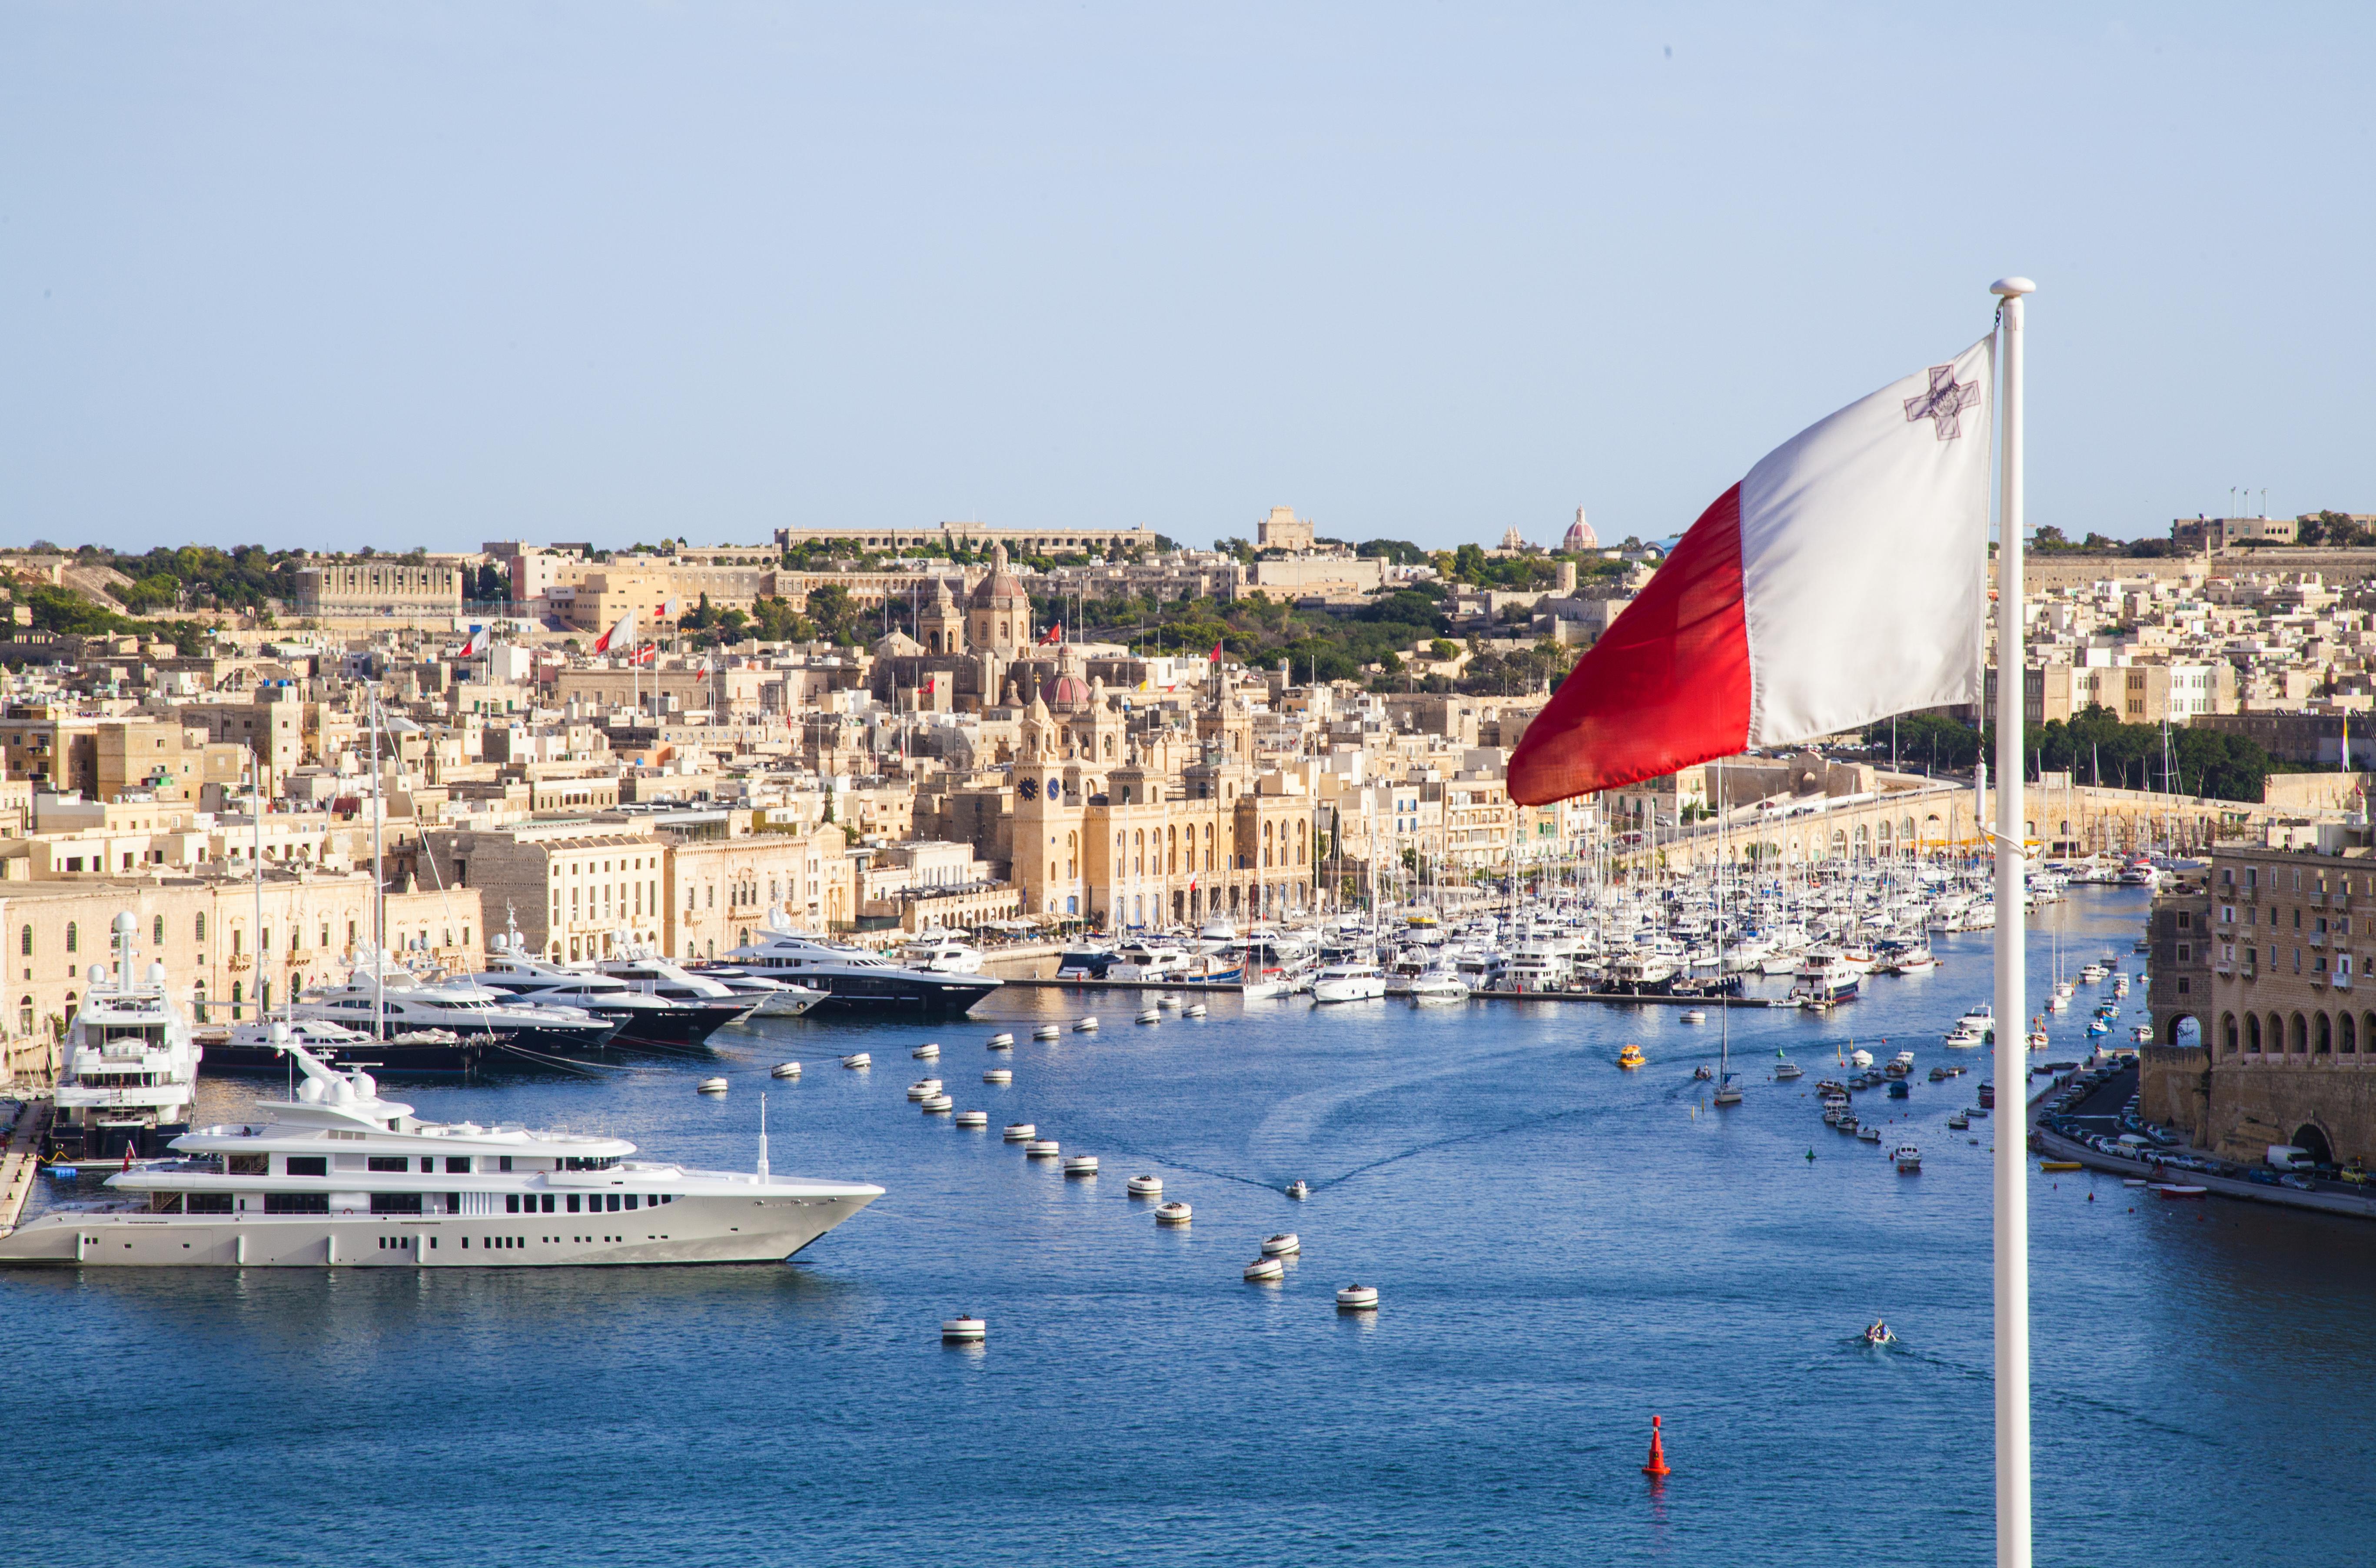 Флаг на фоне Валлетты, столицы Мальты, ВНЖ которой могут получить иностранцы